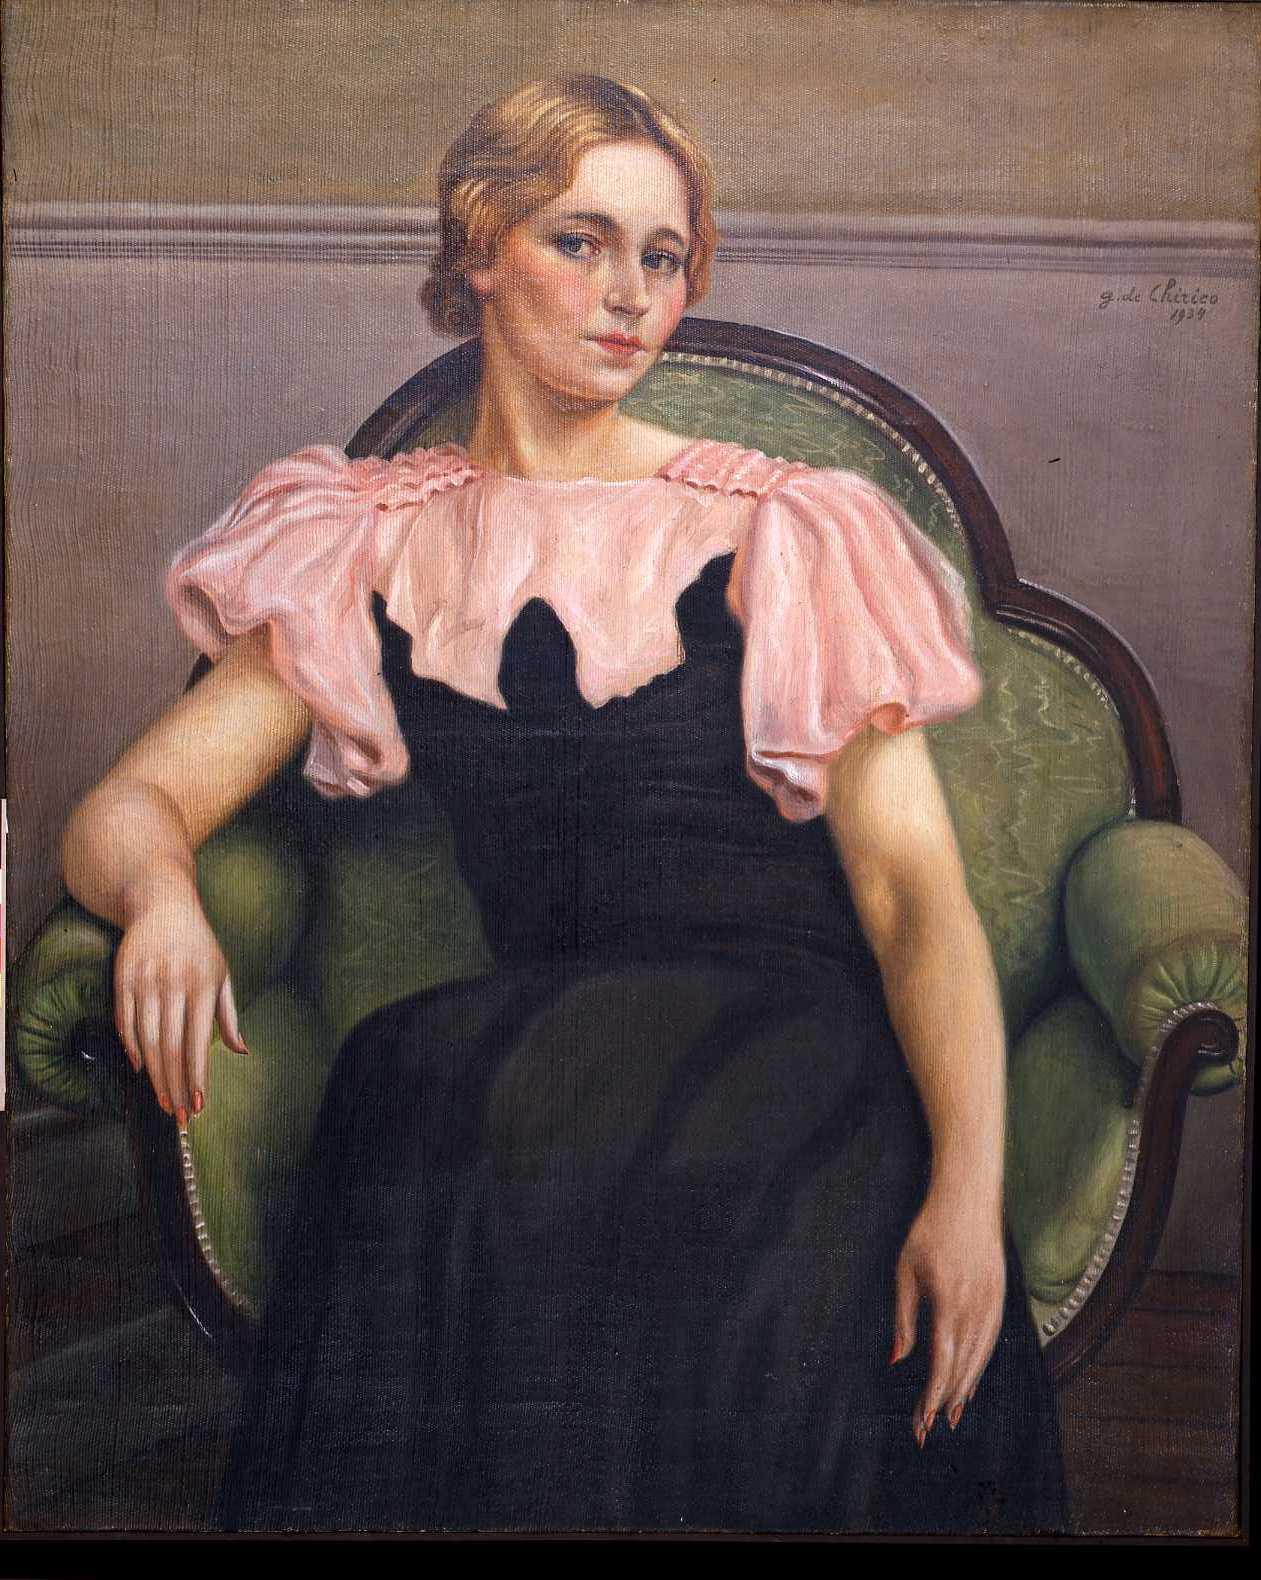 Ritratto_di_Isa_in_rosa_1934_Fondazione_Giorgio_e_Isa de_Chirico